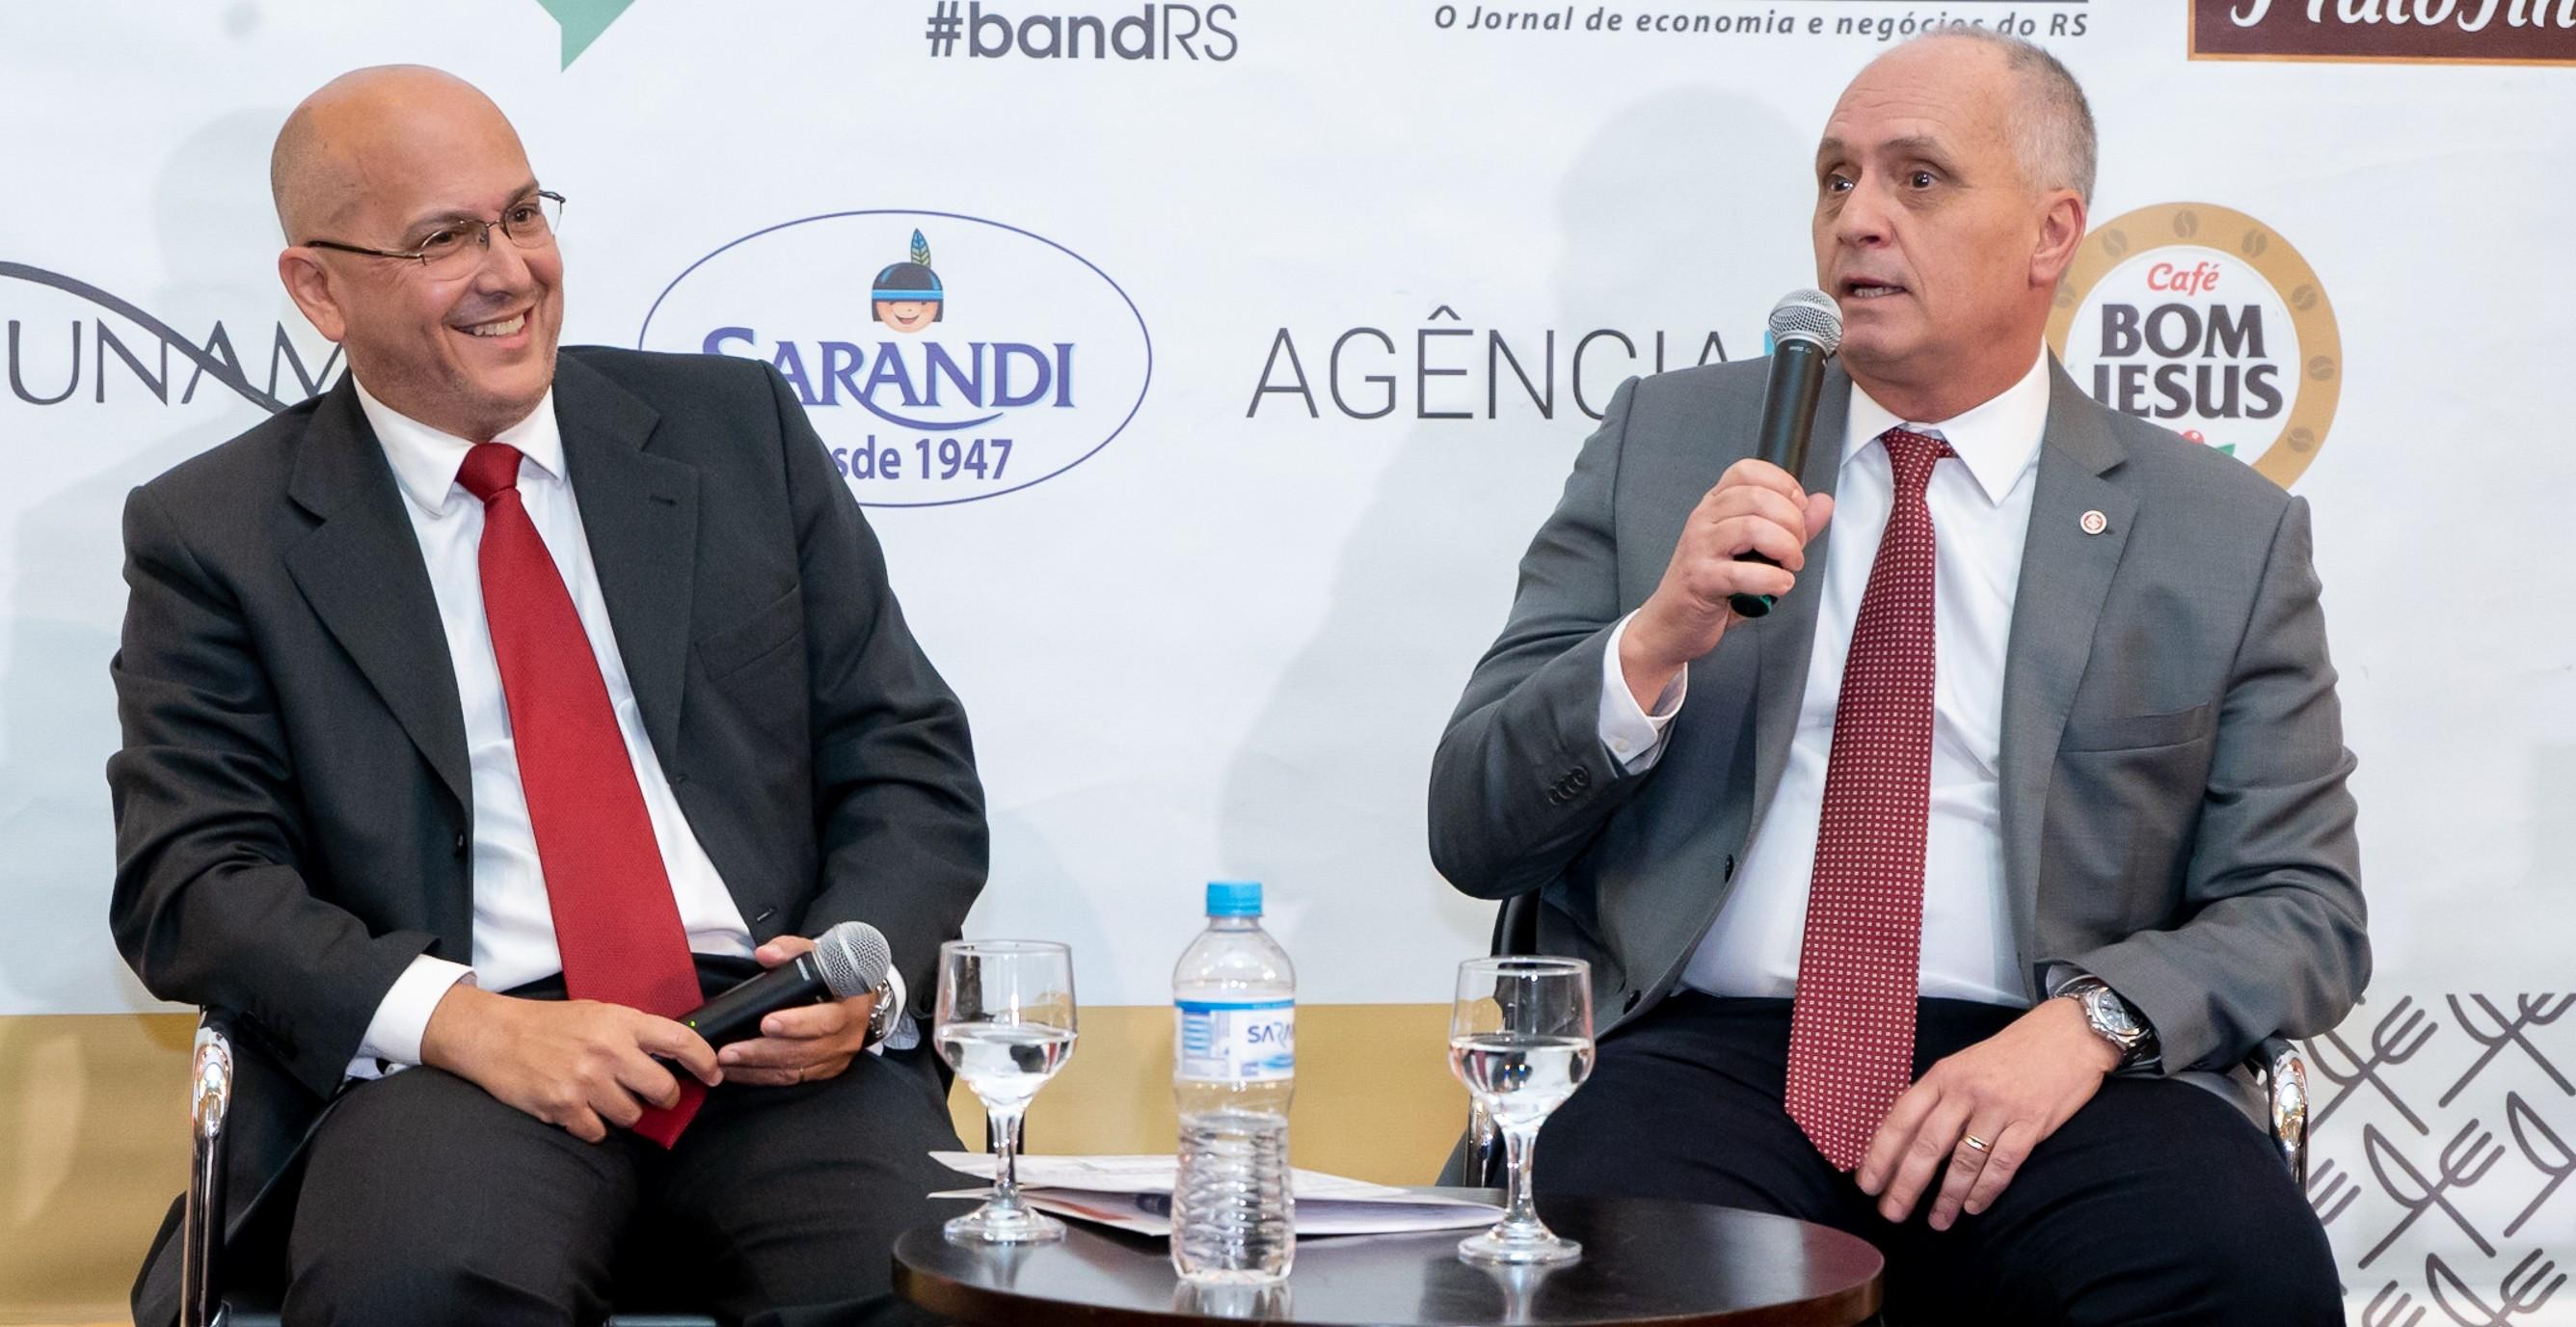 """Porto Alegre: Marcelo Medeiros diz que a grenalização tem que ser positiva. """"Inter e Grêmio são uma força catalisadora da economia, do turismo e do futuro de Porto Alegre, que vive um novo momento em sua relação com o Guaíba."""""""